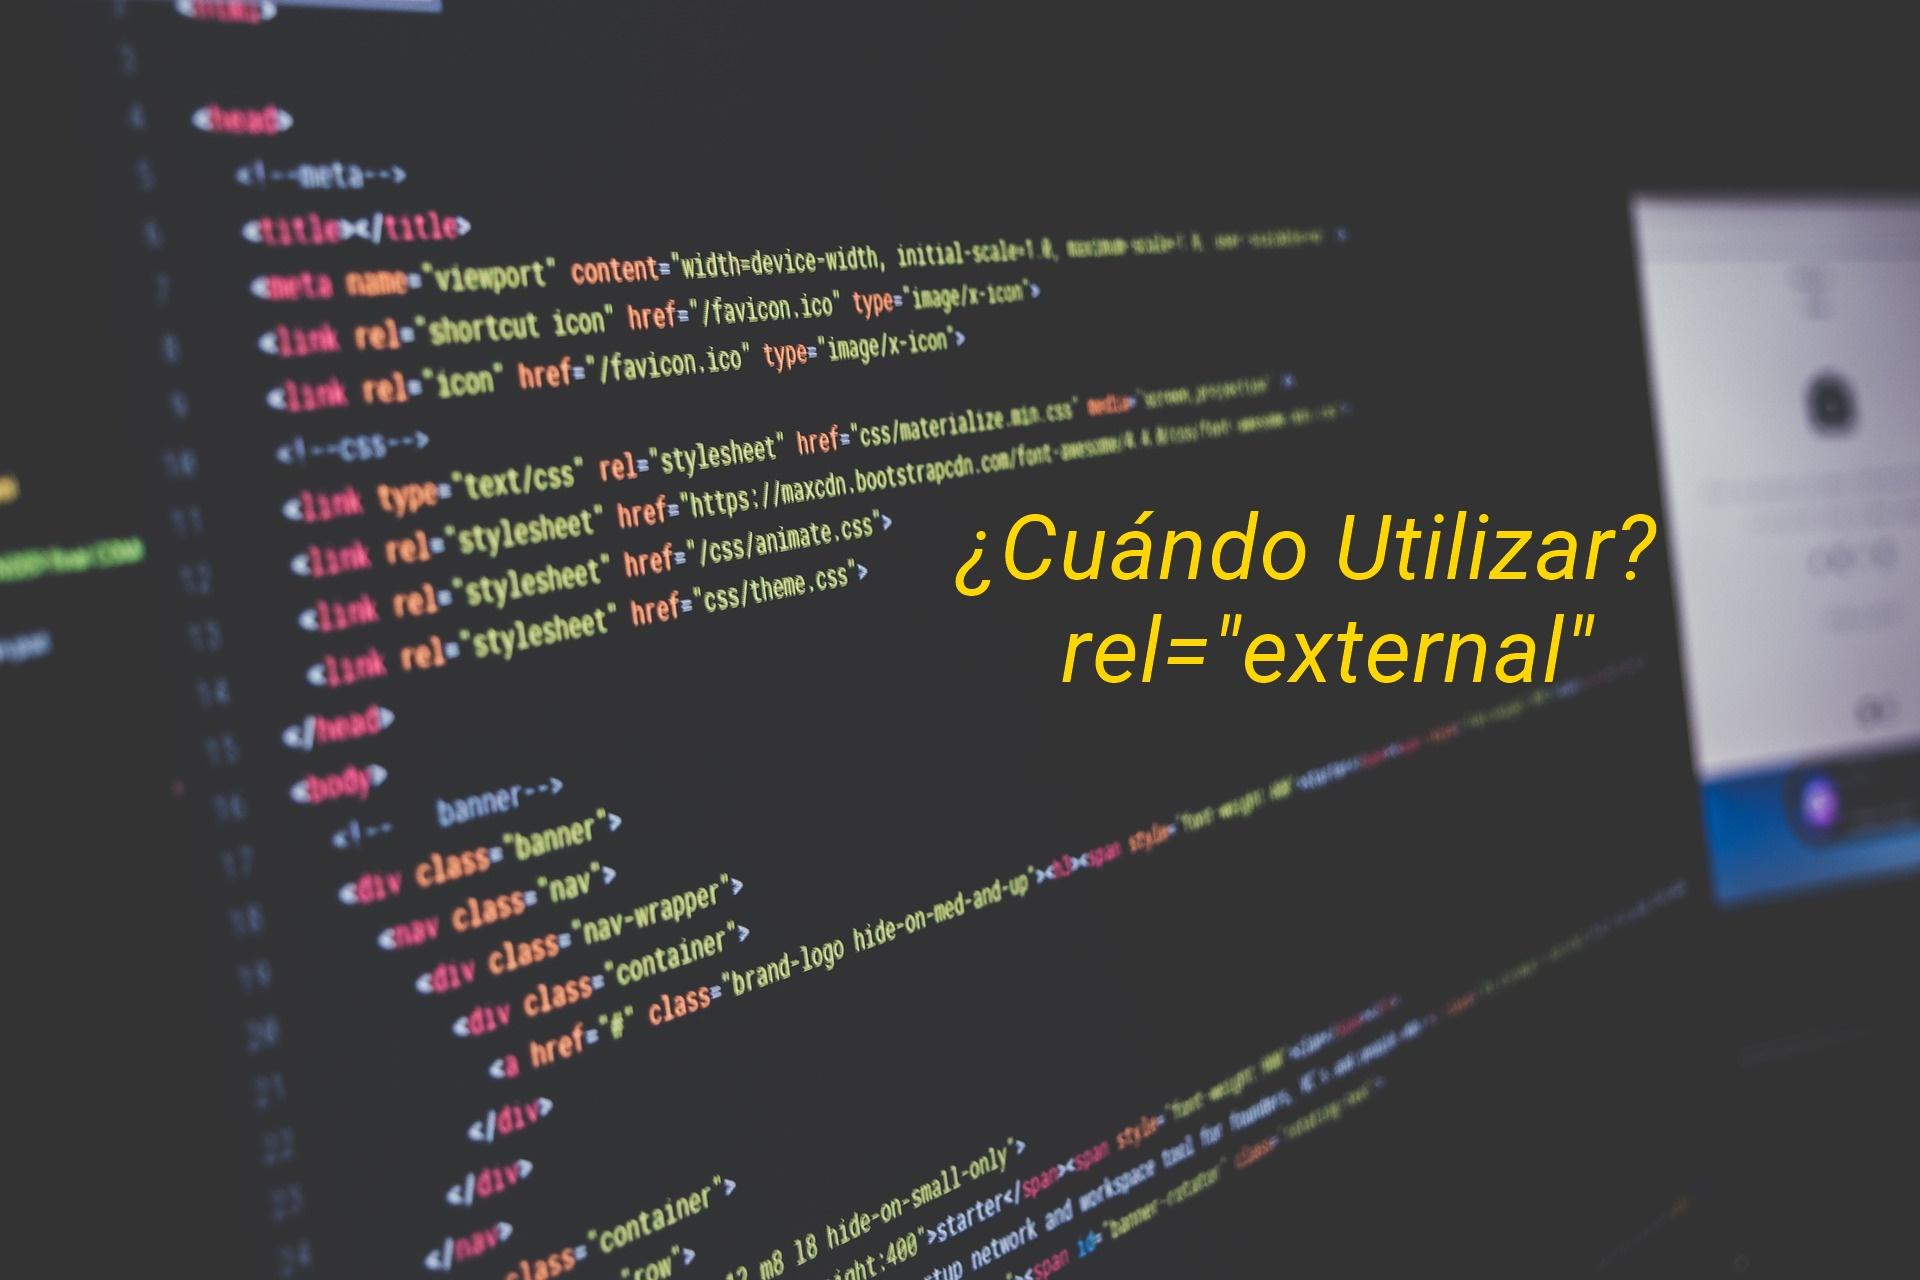 Cuándo utilizar el atributo rel external en los backlinks